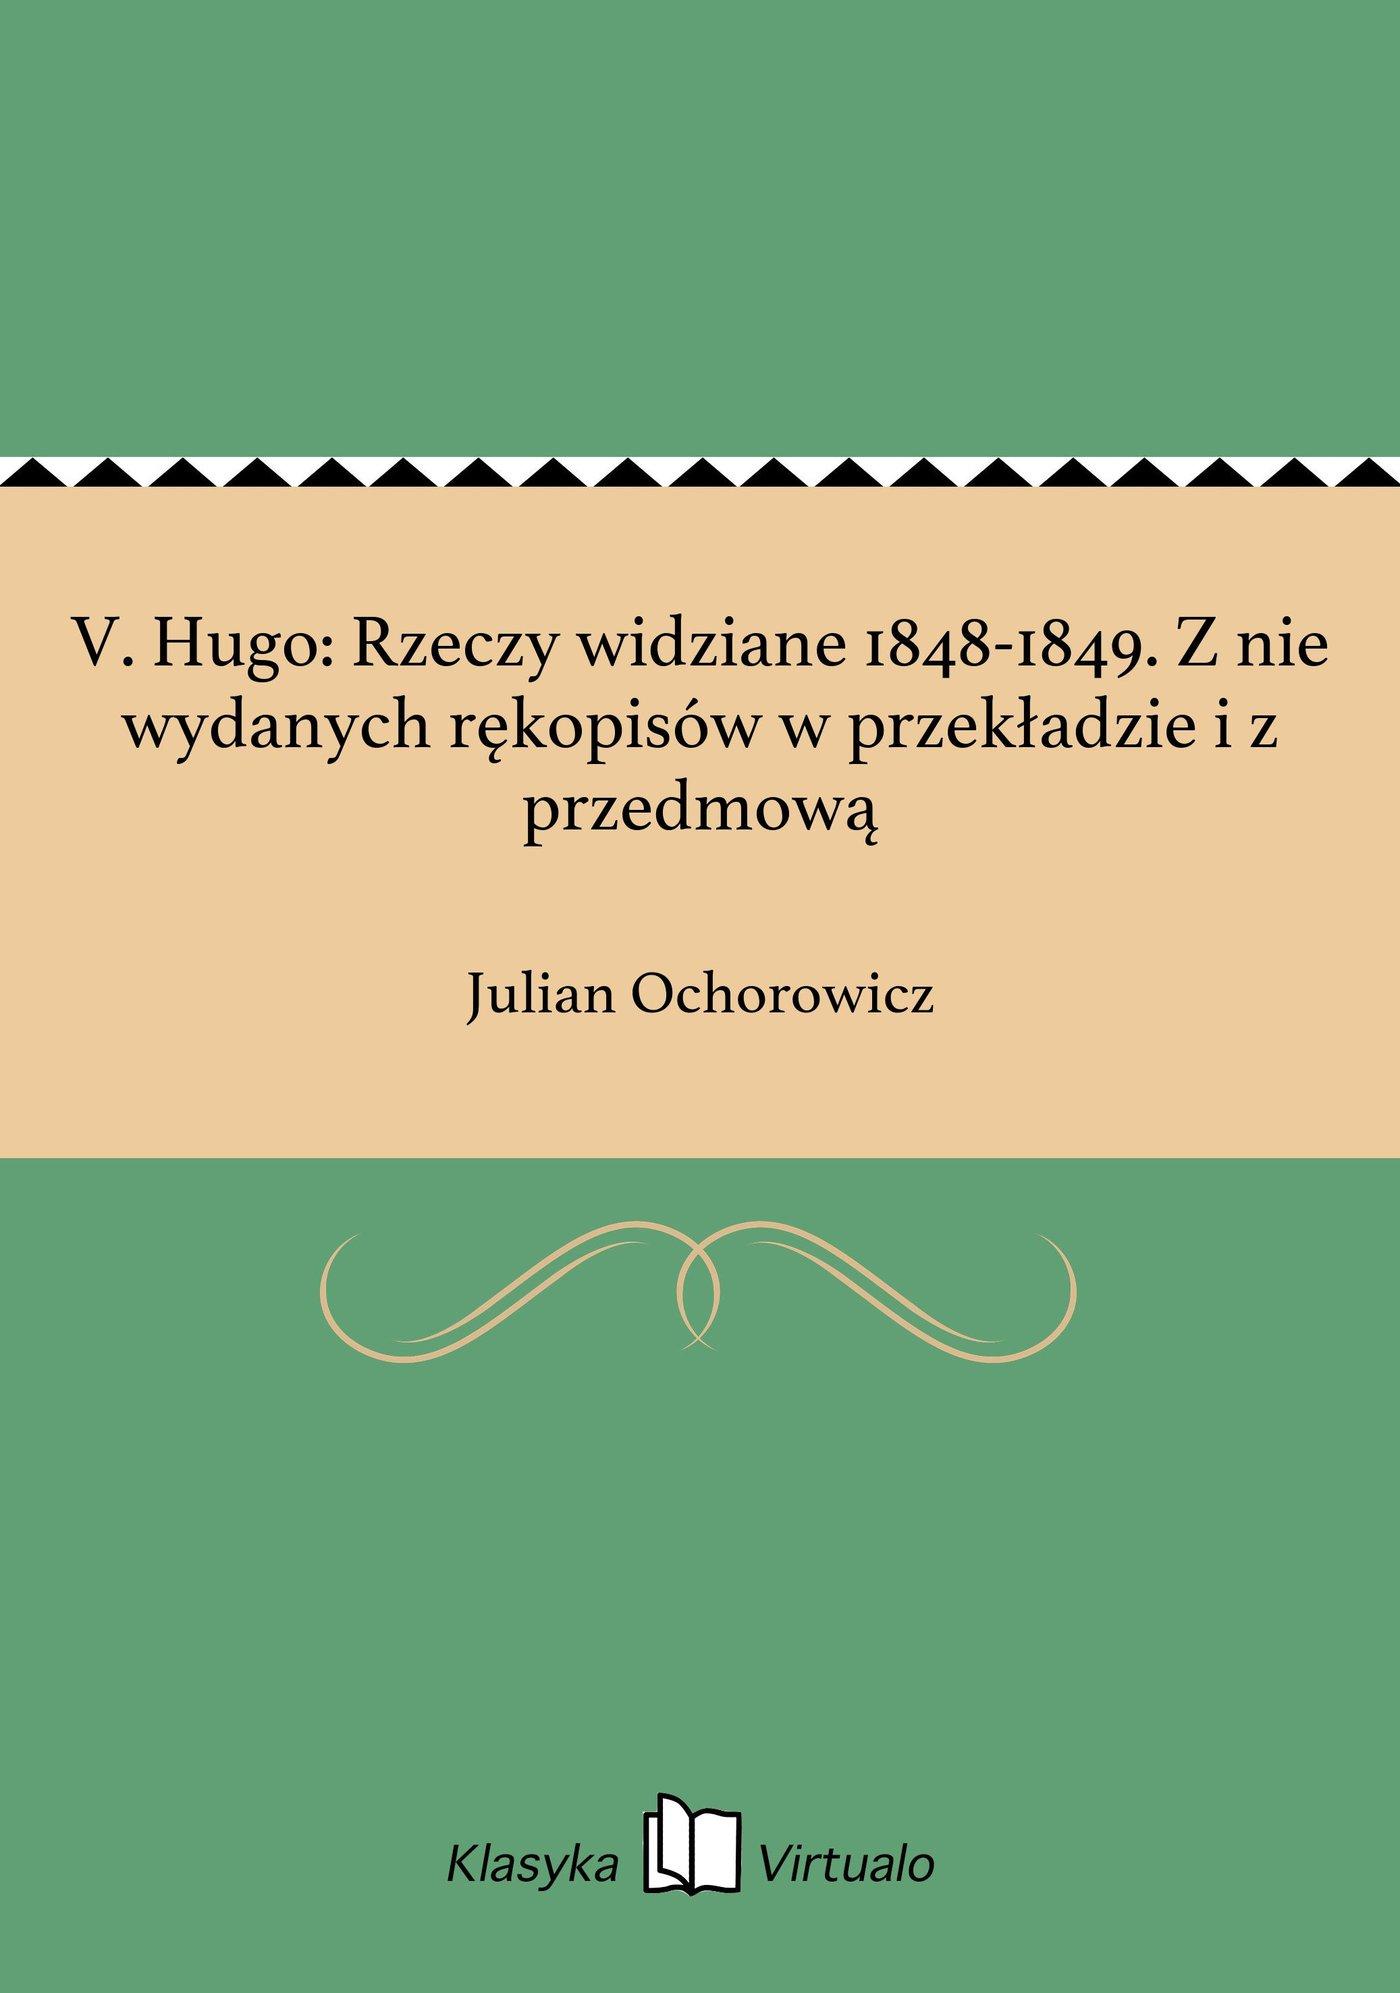 V. Hugo: Rzeczy widziane 1848-1849. Z nie wydanych rękopisów w przekładzie i z przedmową - Ebook (Książka na Kindle) do pobrania w formacie MOBI